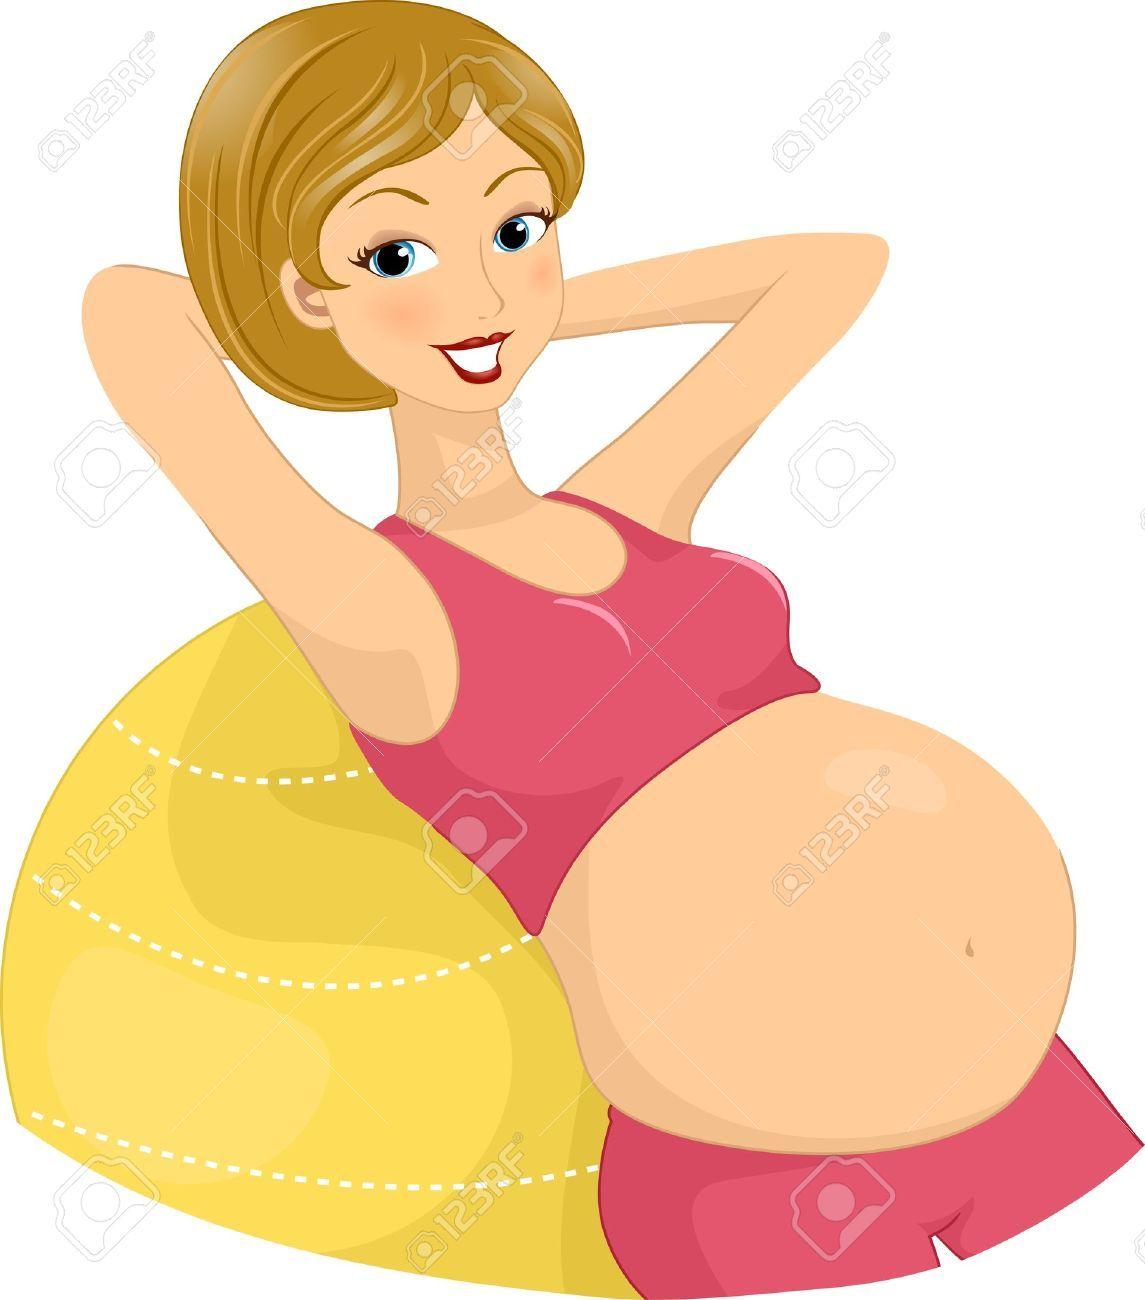 Ilustración de una mujer embarazada. | Mujer embarazada ...